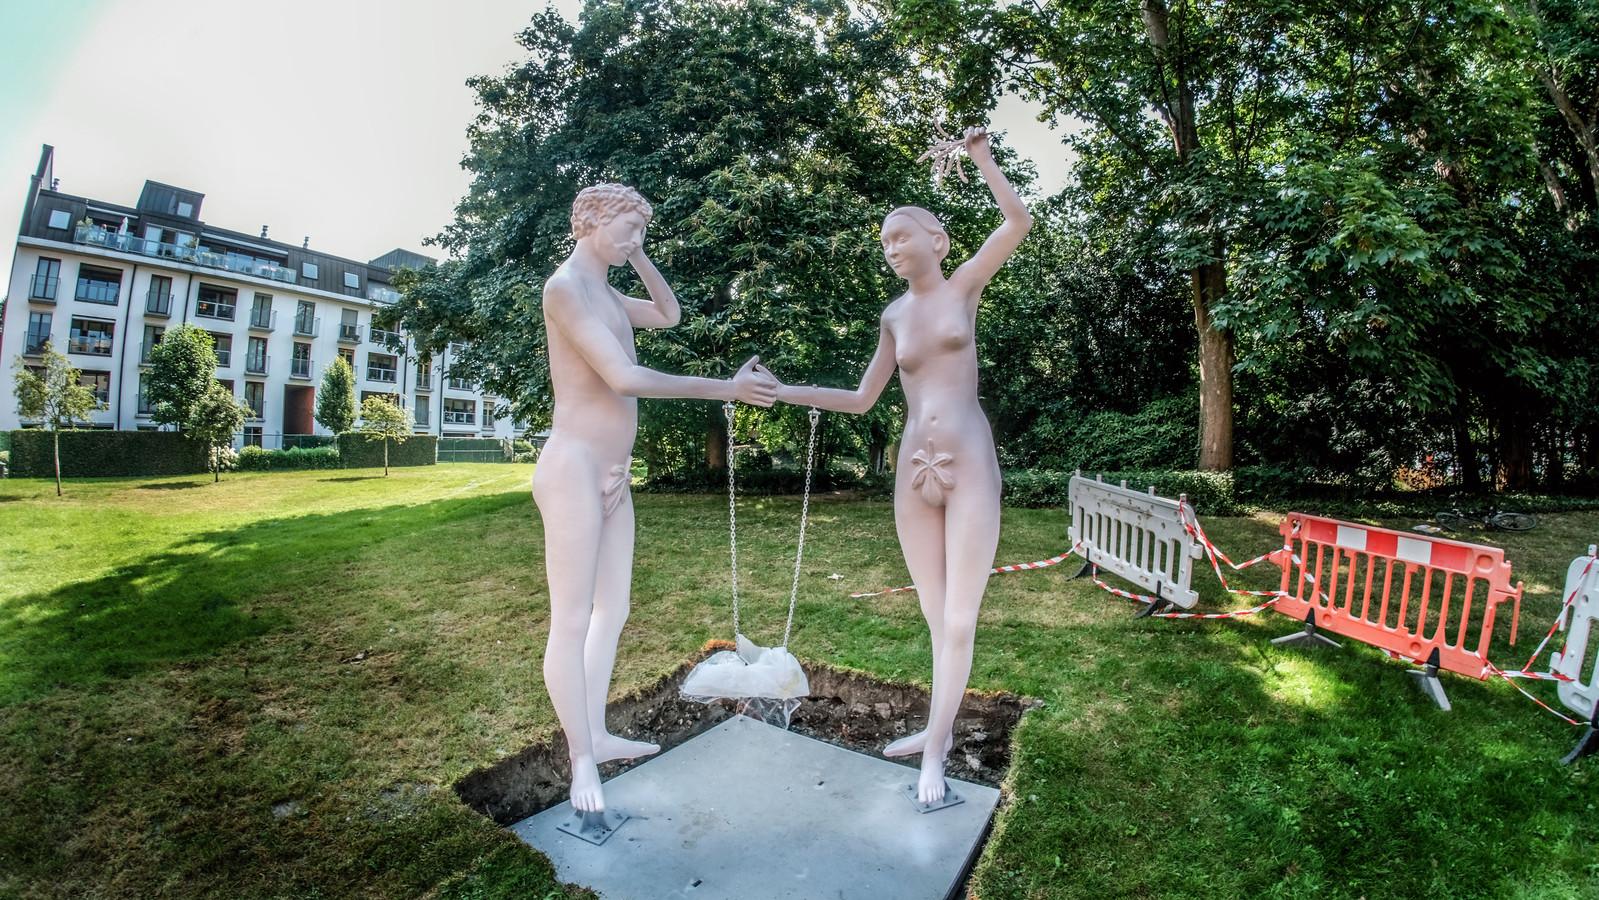 Bezwijken Adam en Eva voor de verleiding? Ontdek het in Tuin Messeyne, aan de Groeningestraat.